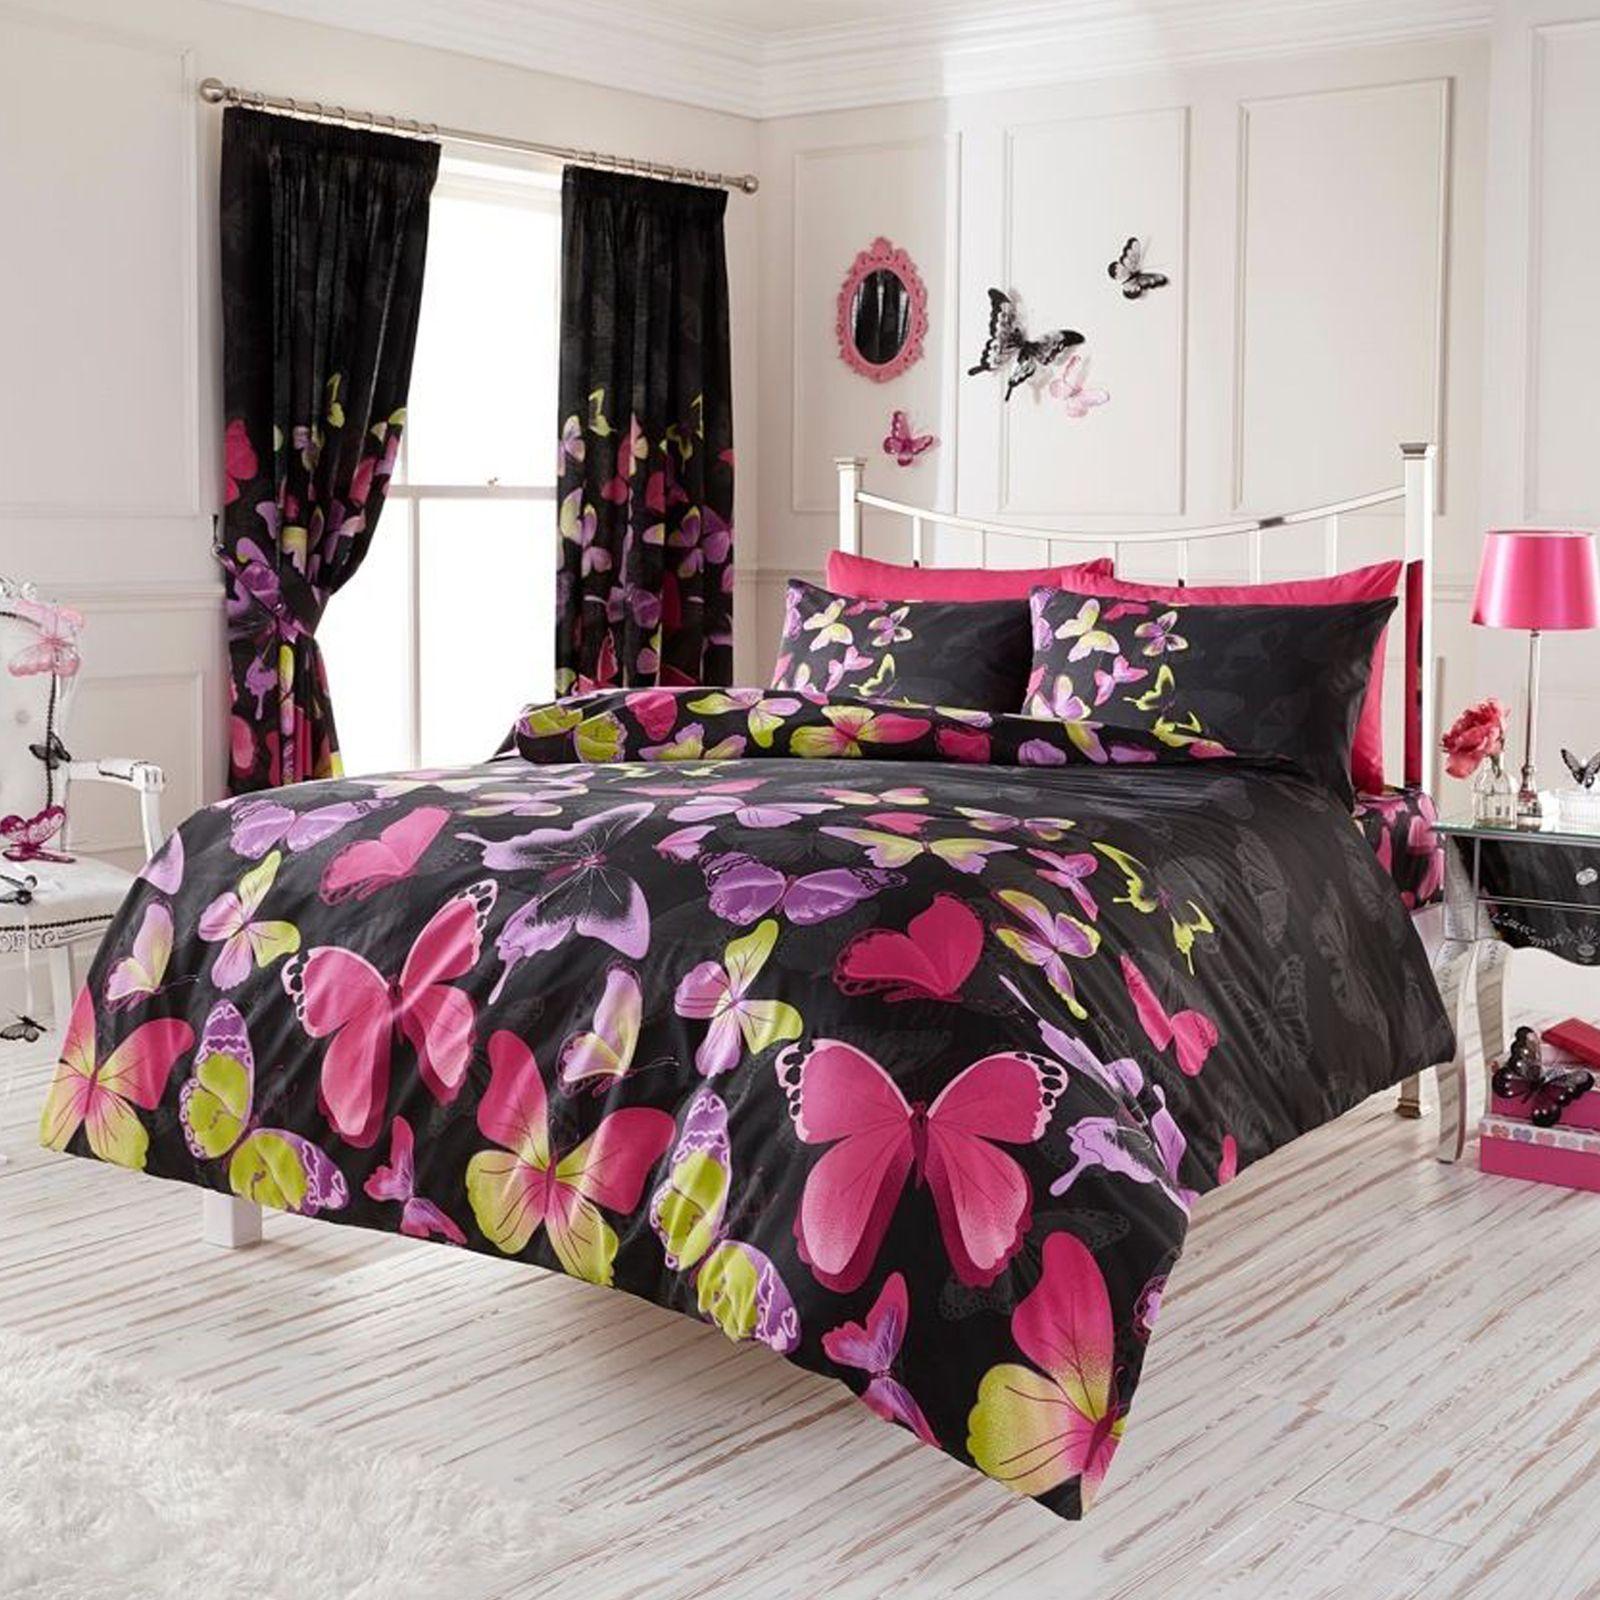 moda farfalla completo copripiumino matrimoniale nero e rosa ... - Copripiumino Bianco E Rosa